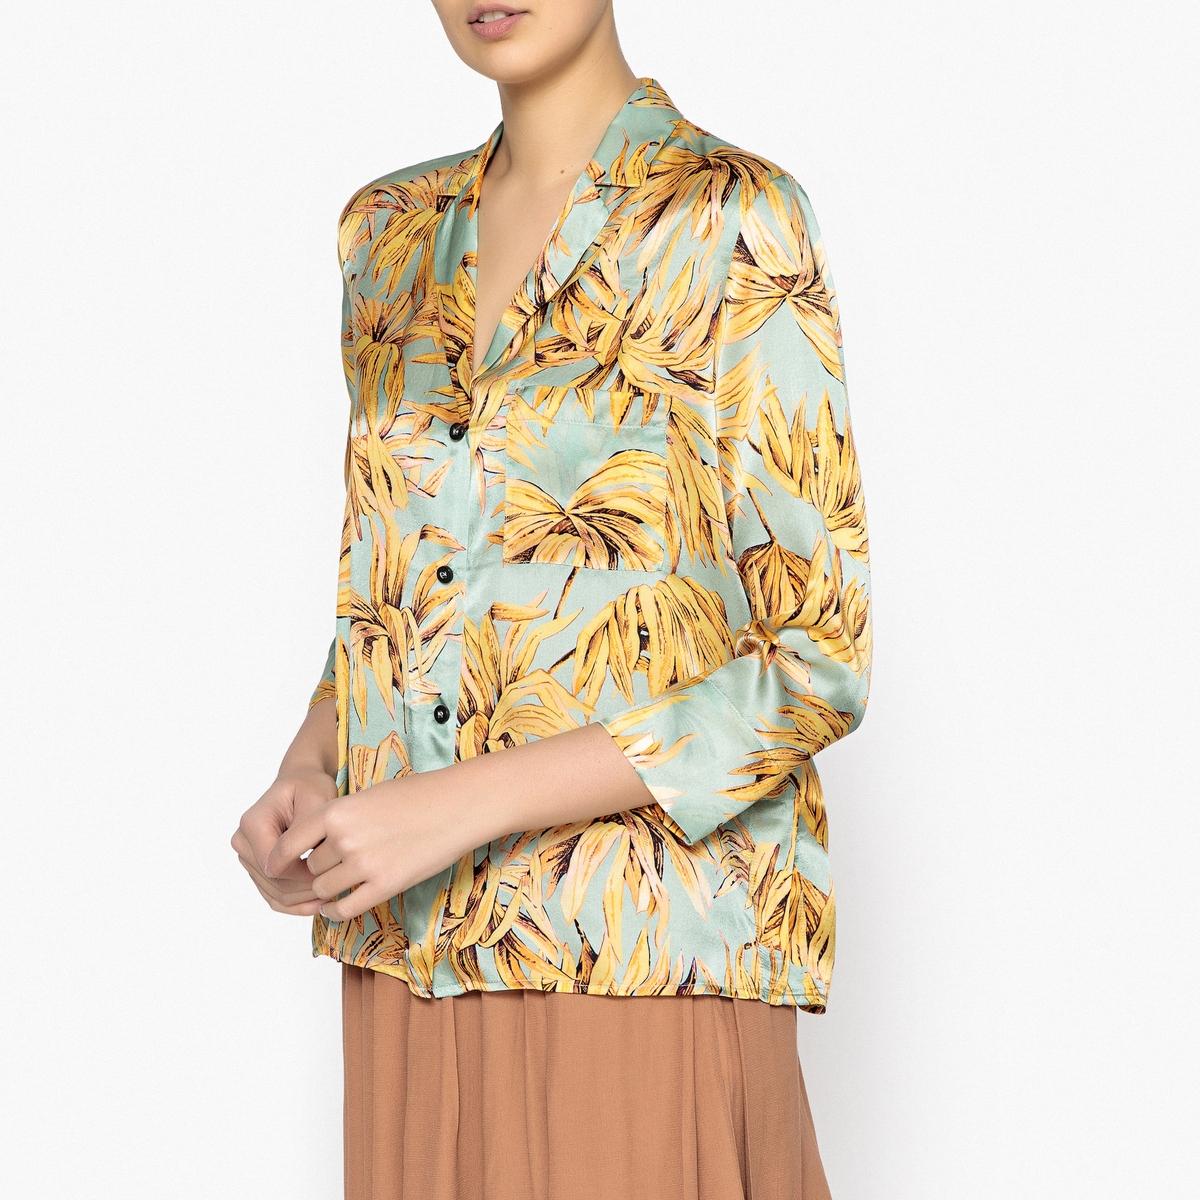 Рубашка-пижама из шелка с принтомОписание:Рубашка с принтом и длинными рукавами POMANDERE. 100% шелк, в стиле пижамы . Широкий край рукава . Накладной карман на груди и шлица с каждой стороны .Детали •  Длинные рукава •  Покрой бойфренд, свободный •  Воротник-поло, рубашечный •  Рисунок-принтСостав и уход •  100% шелк •  Следуйте советам по уходу, указанным на этикетке •  Длина : ок.61 см. для размера 36<br><br>Цвет: зеленый